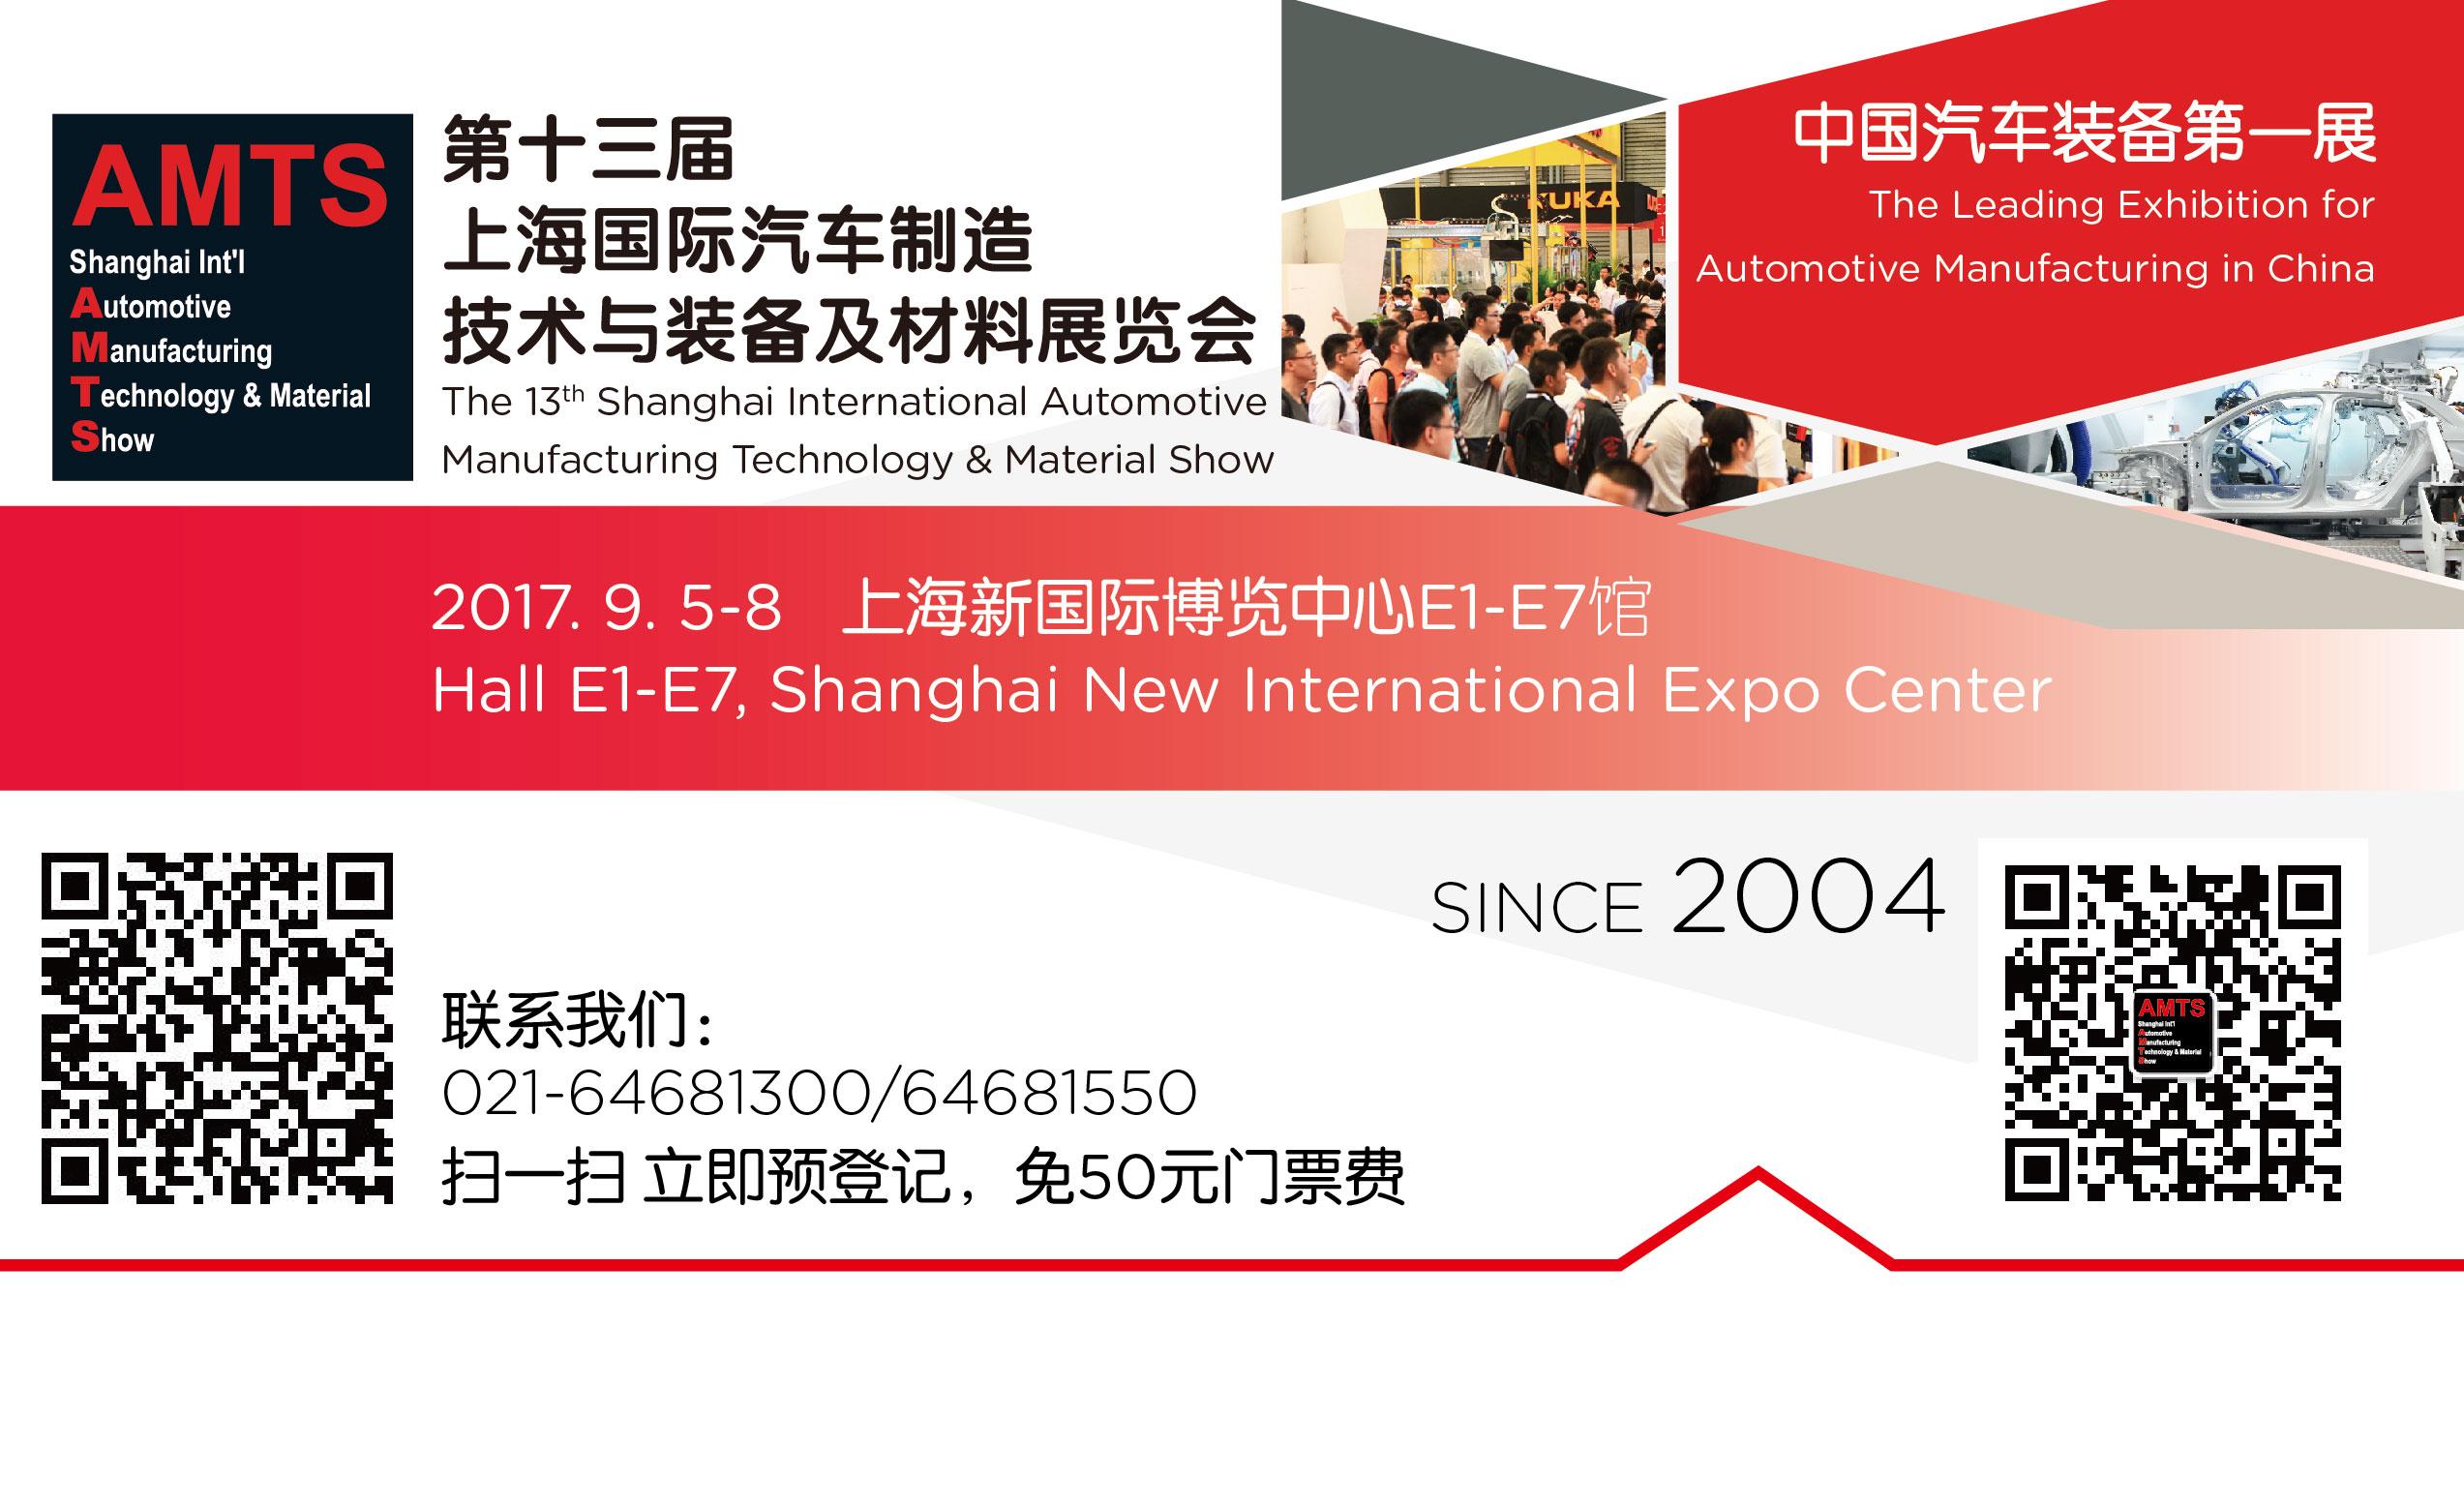 AMTS 2017第十三届上海国际汽车制造技术与装备及材料展览会